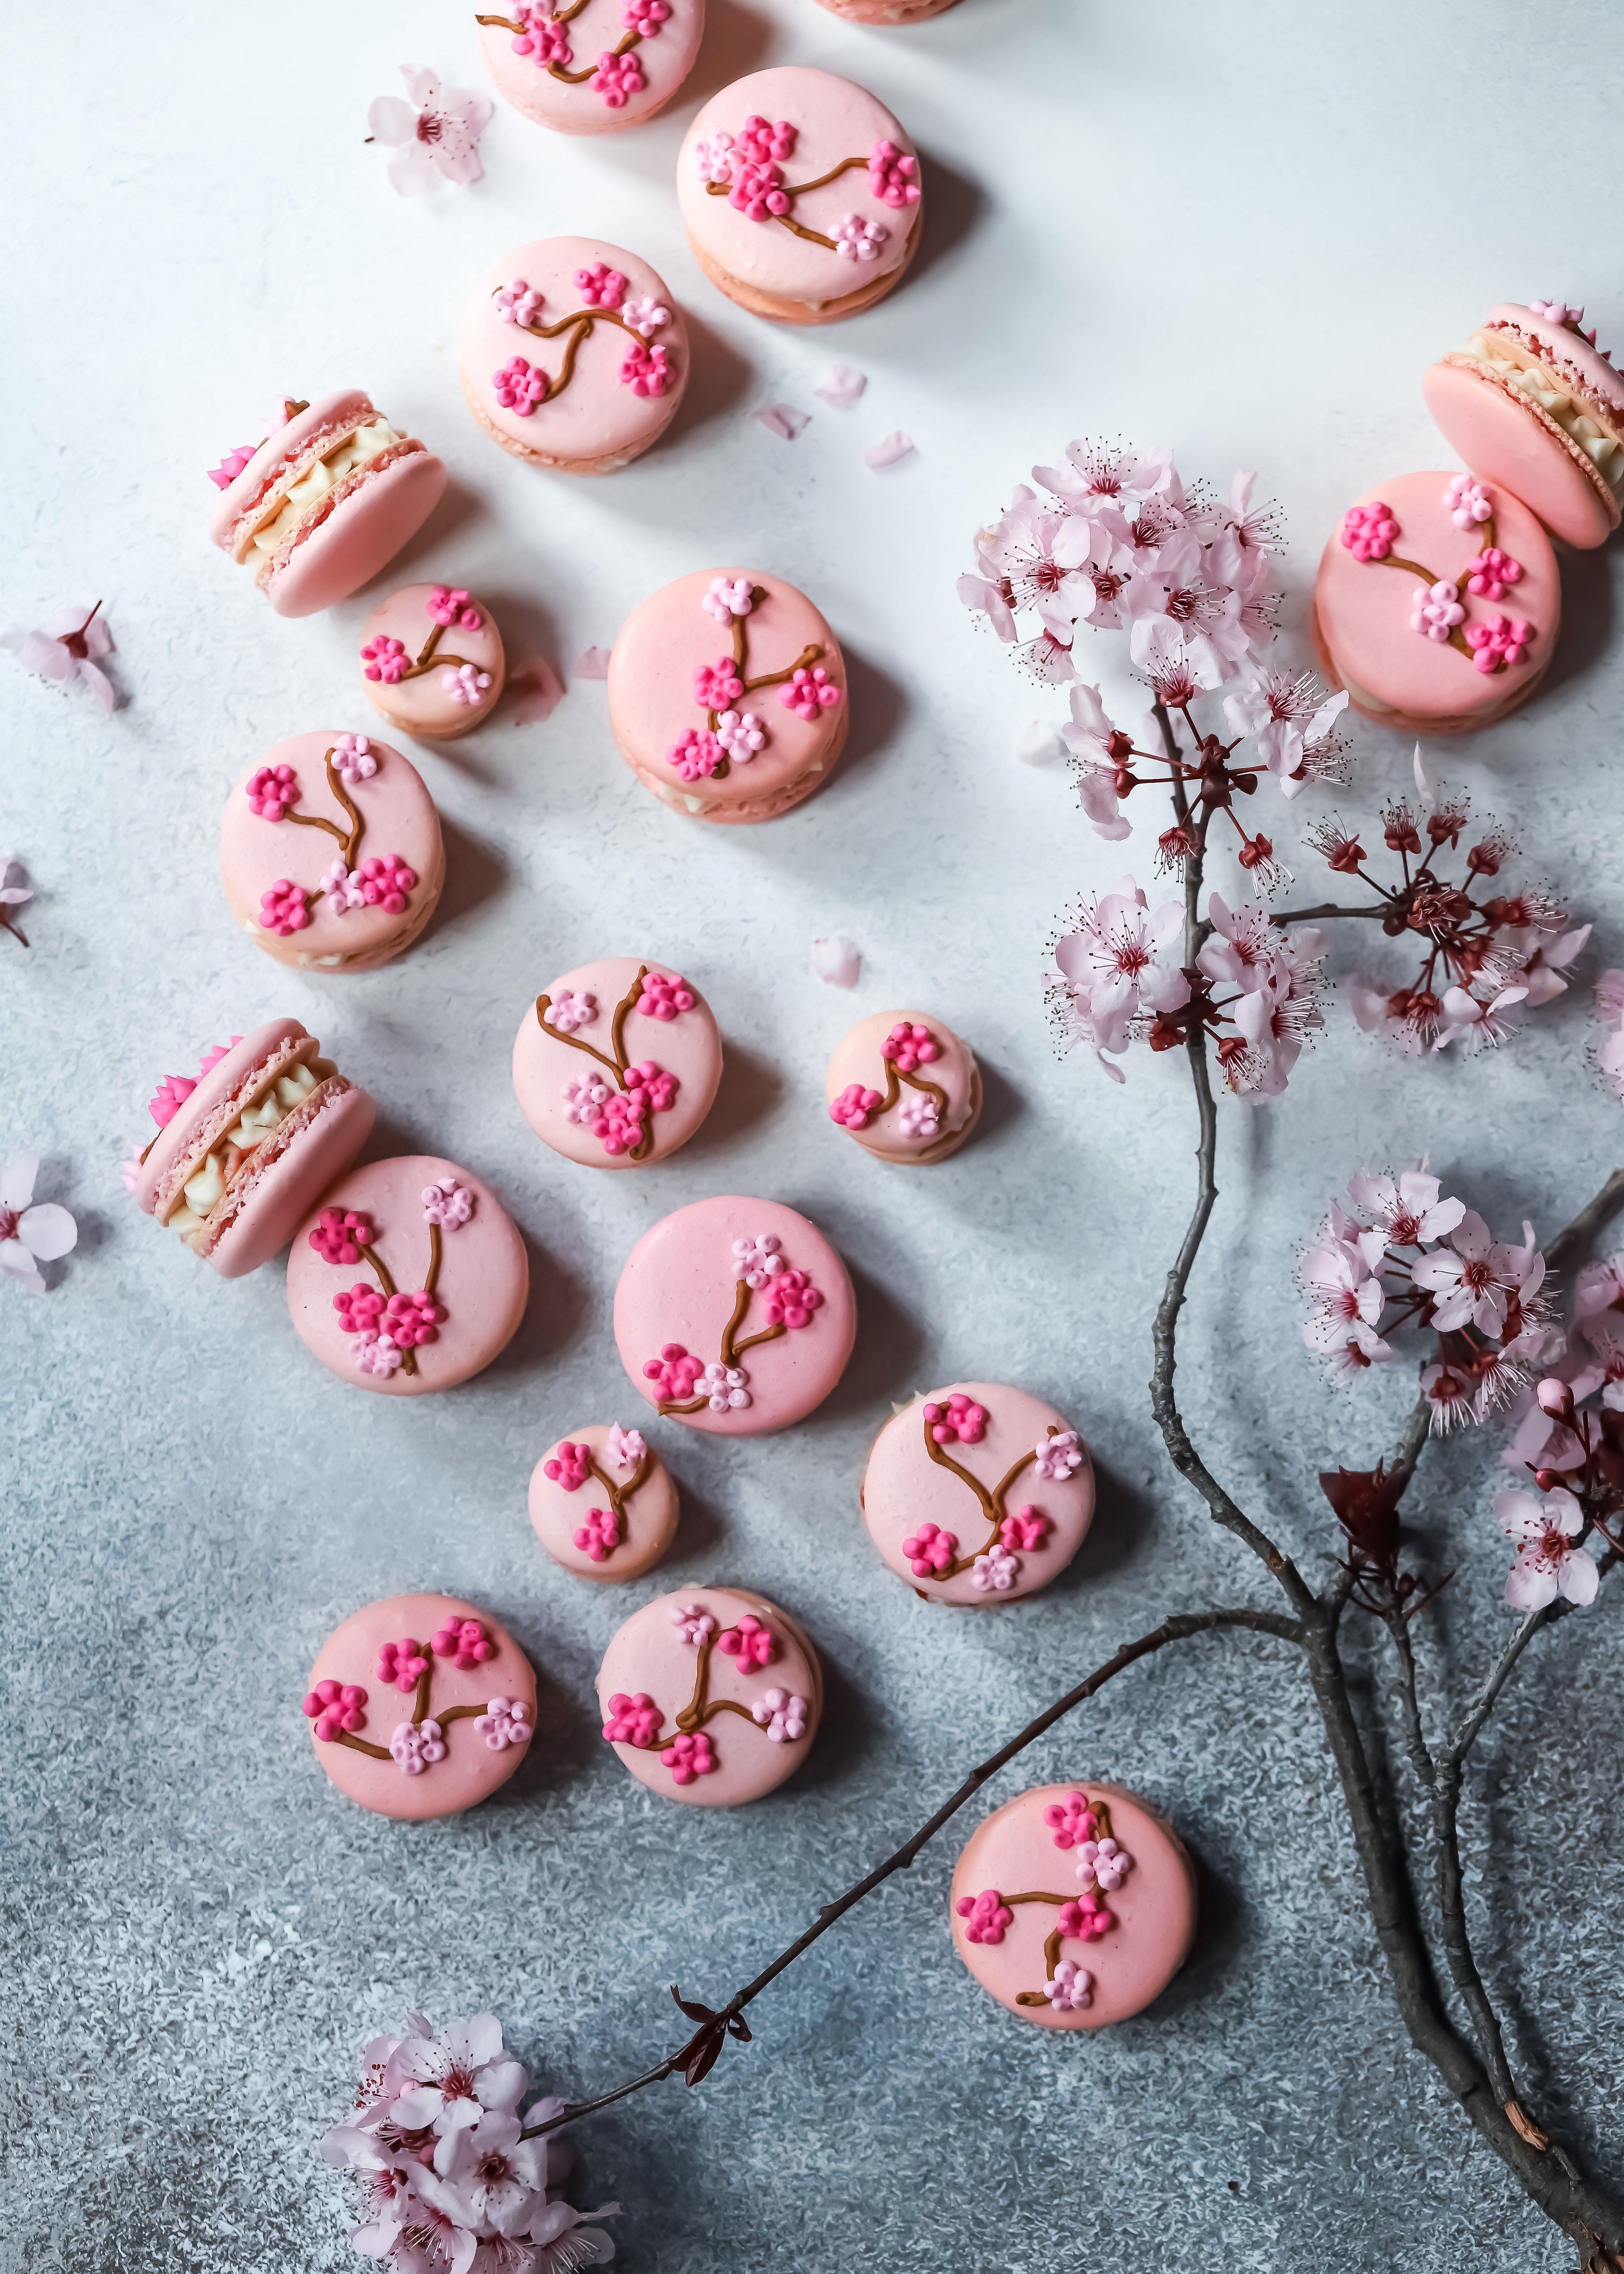 Cherry Blossom Macarons With A Cherry Blossom Buttercream And Cherry Blossom Jam Jam Lab Recipe Cherry Blossom Party Butter Cream Macarons